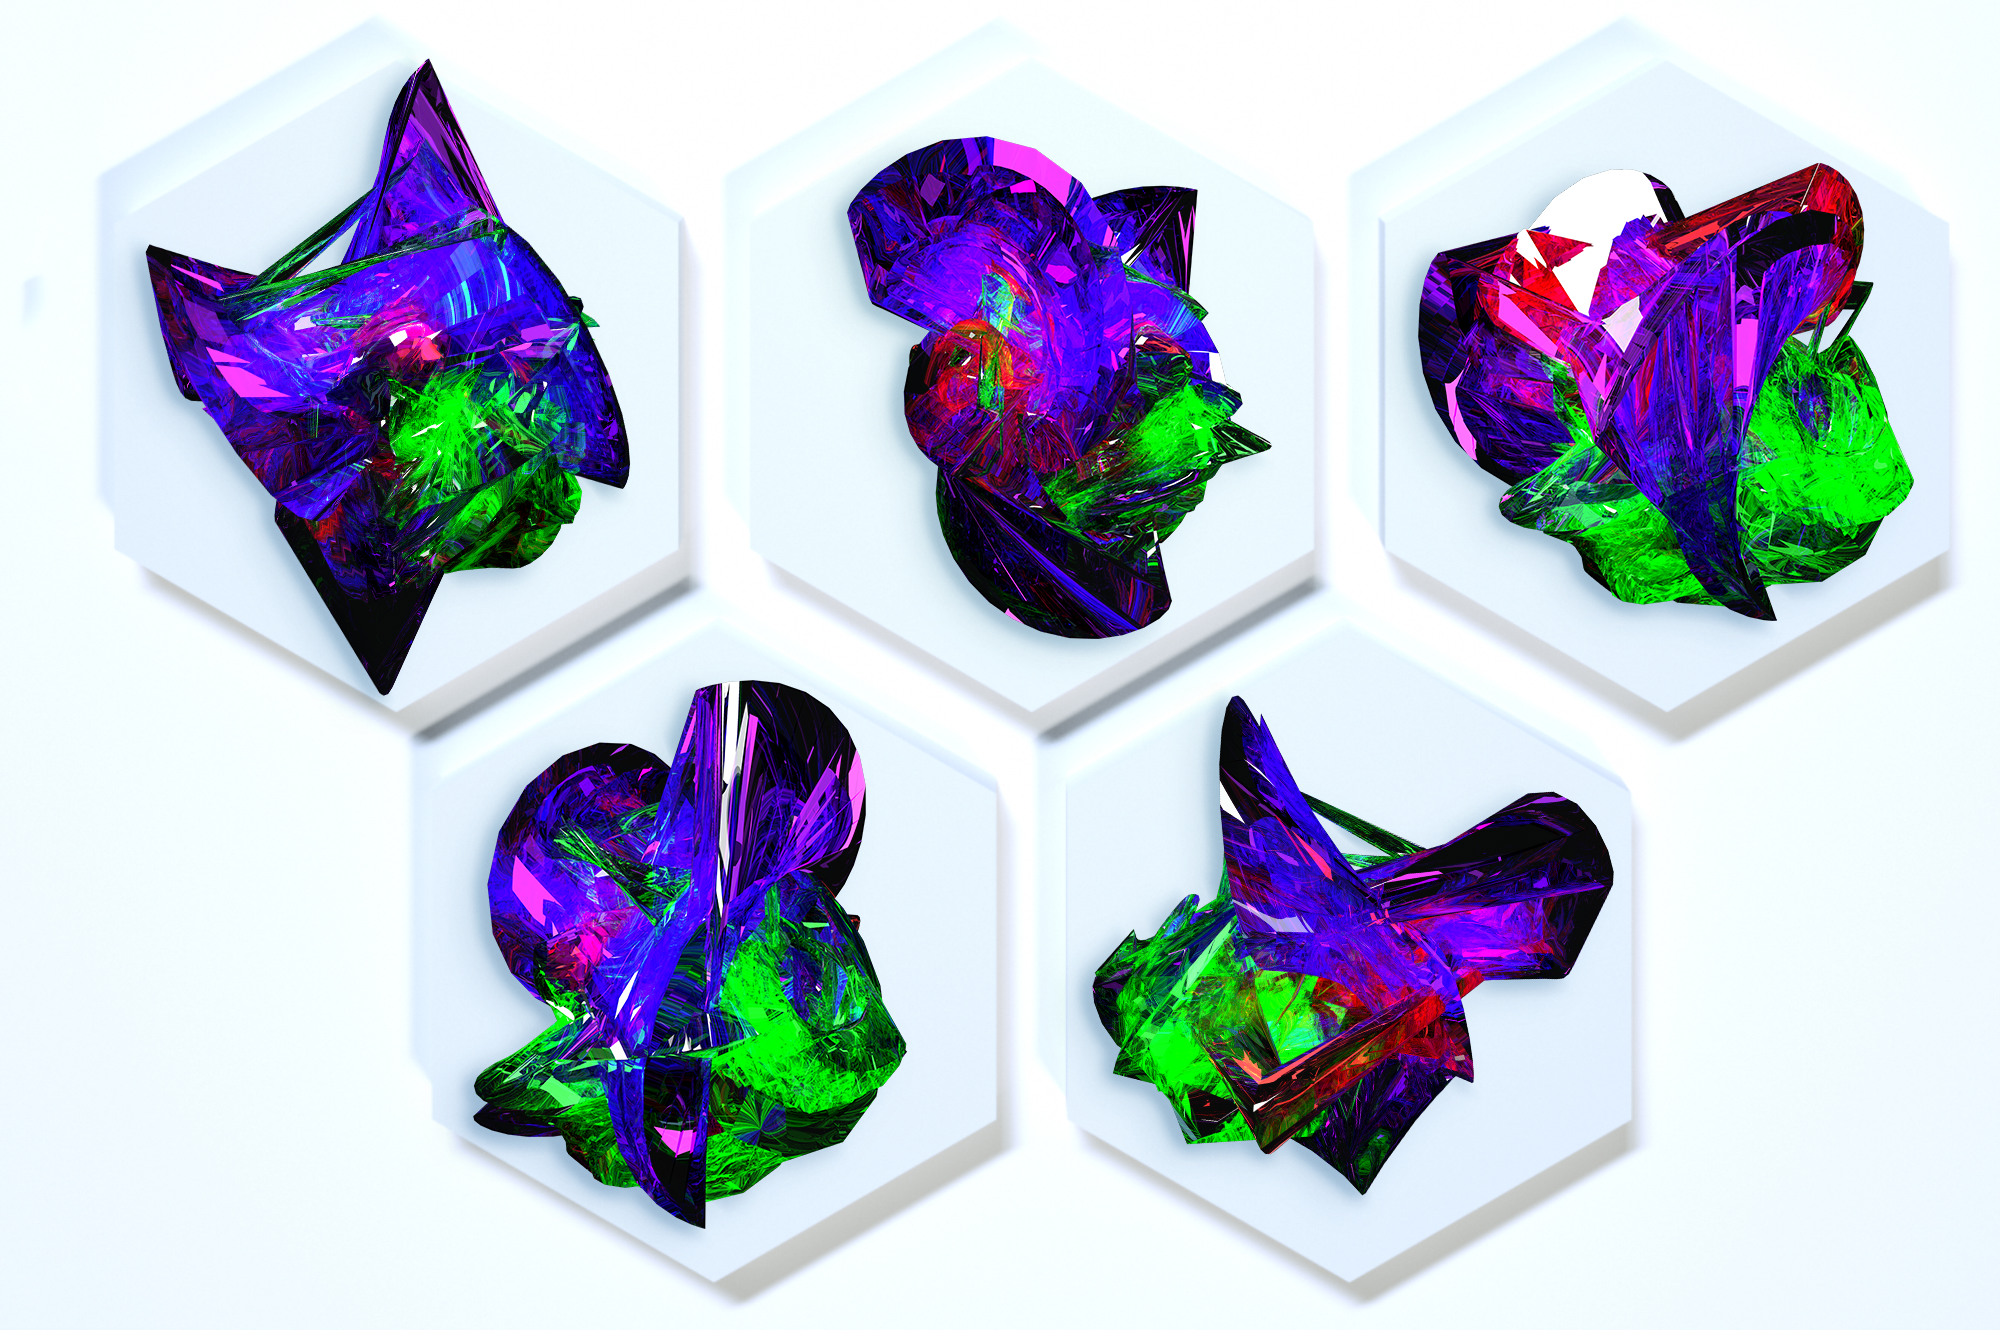 Crystal|Azbuka|Alphabet example image 14